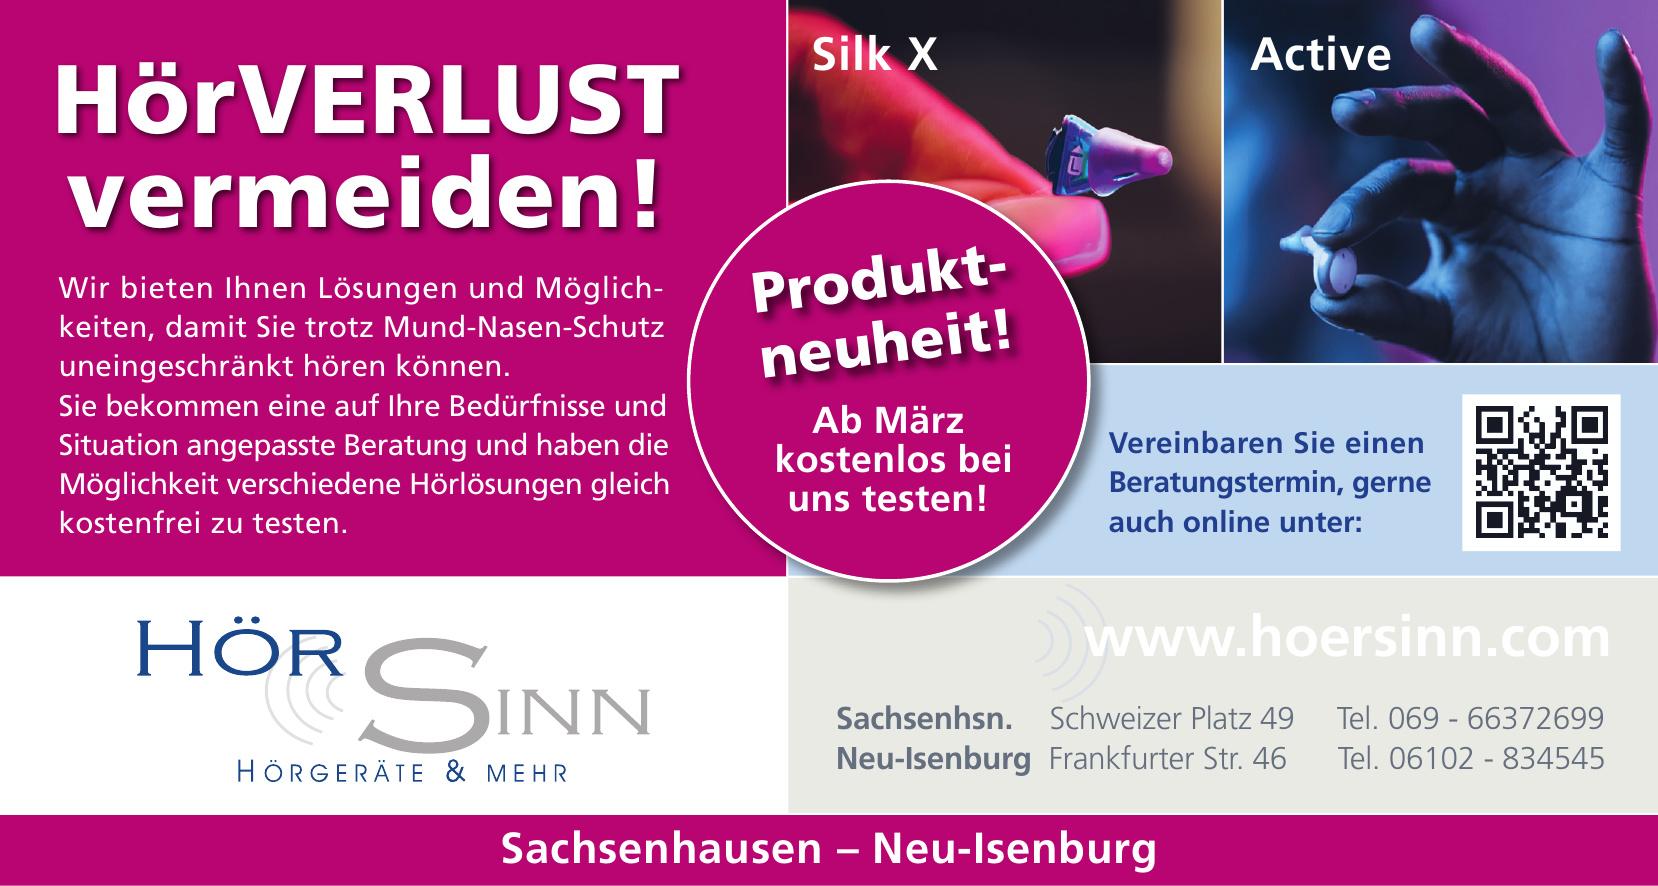 Hörsinn Hörgeräte & Mehr GmbH